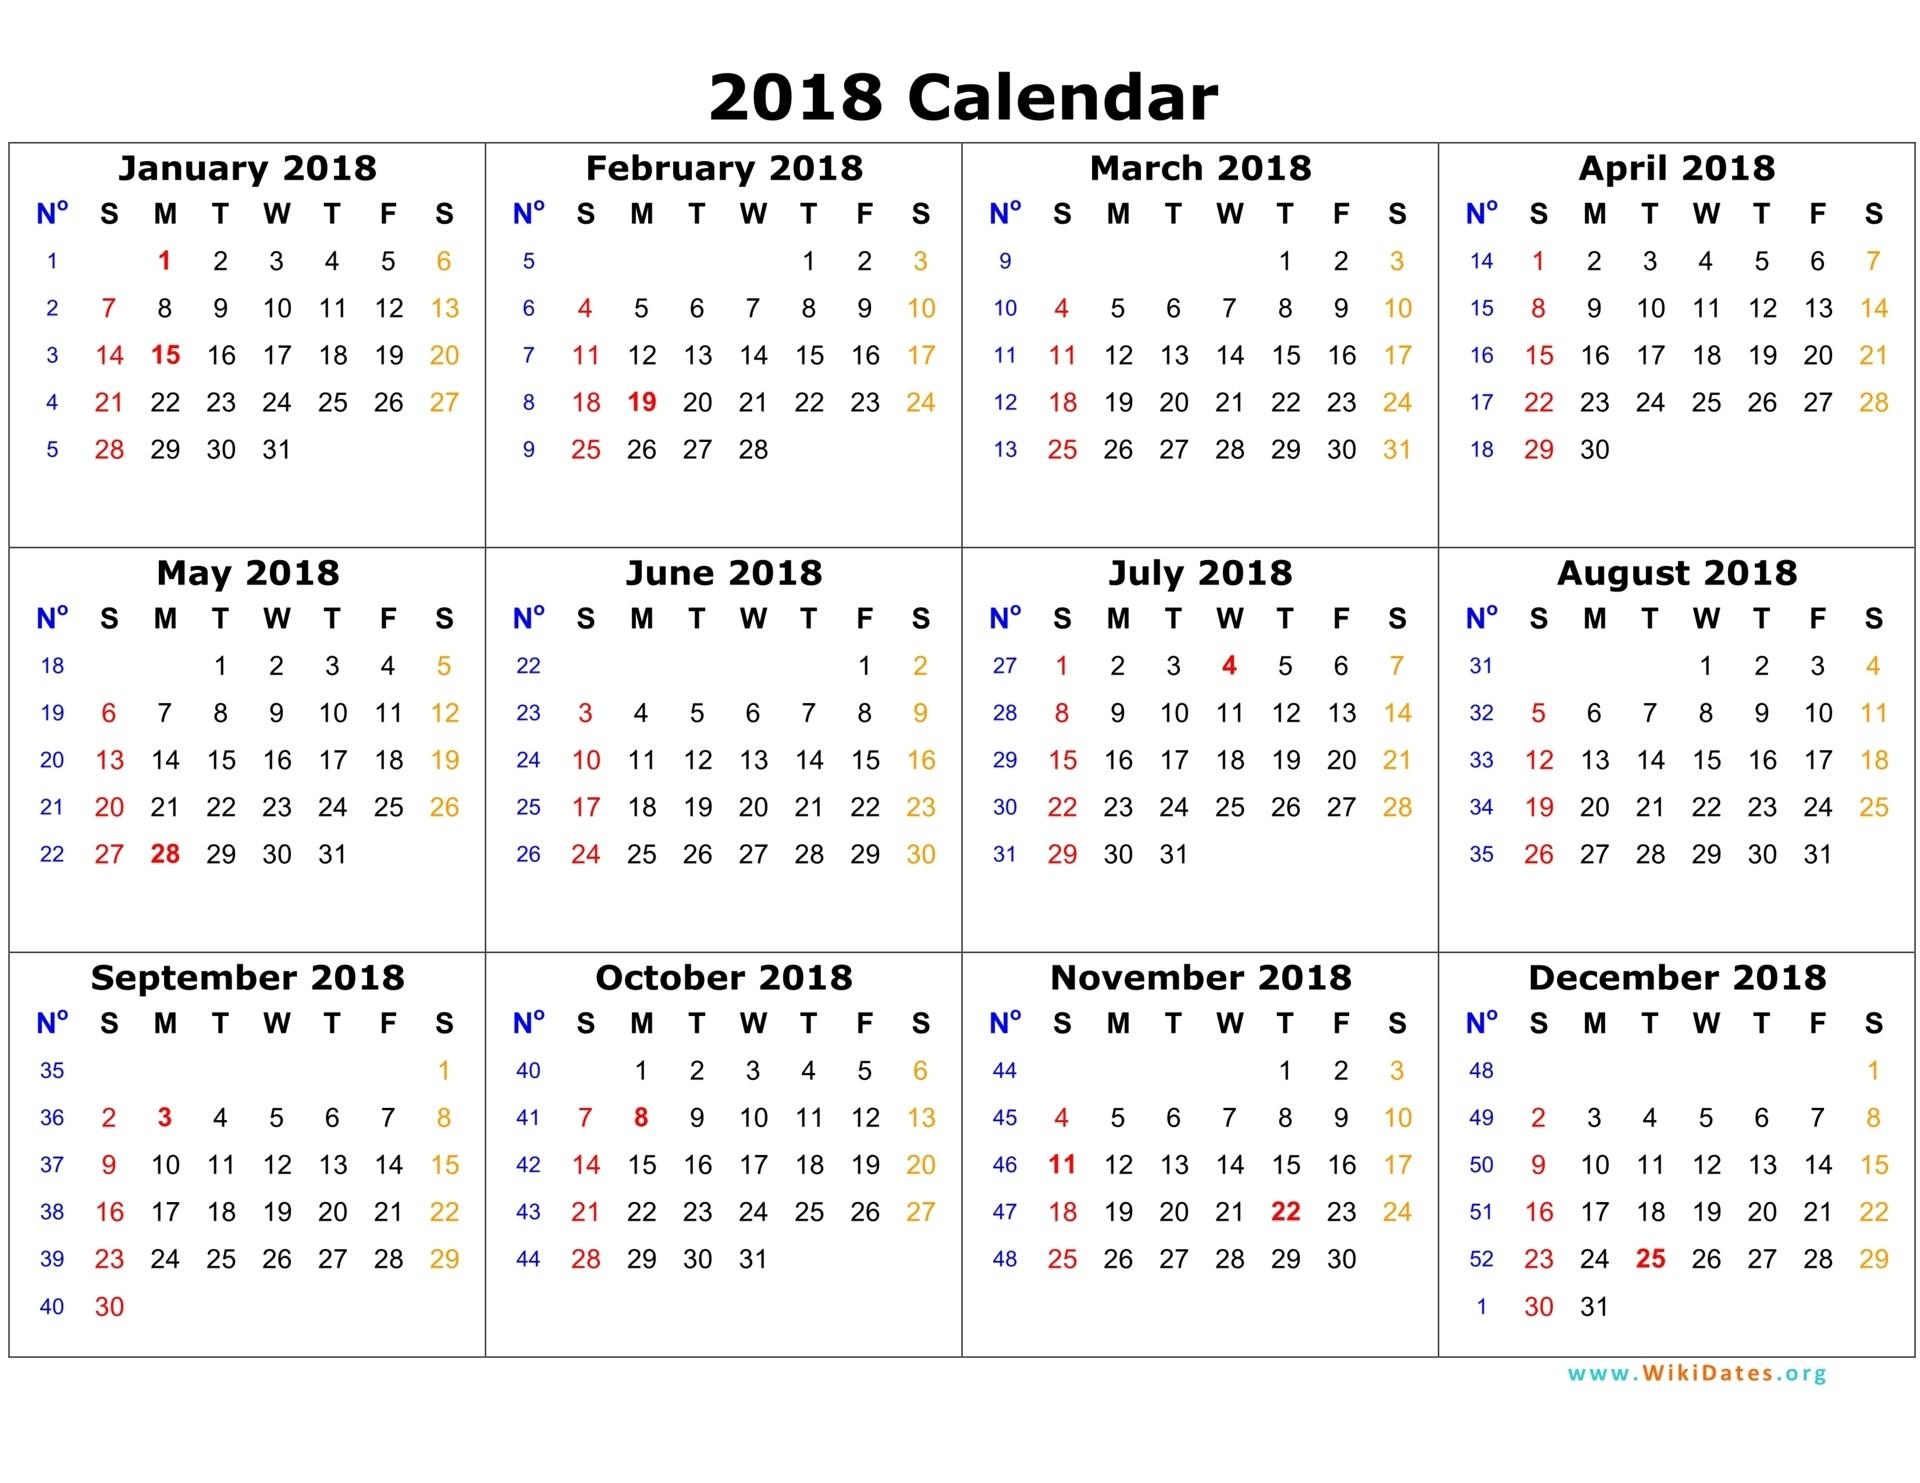 2018 Calendar Template 03 On 12 Month Calendar 2018 Template - Free